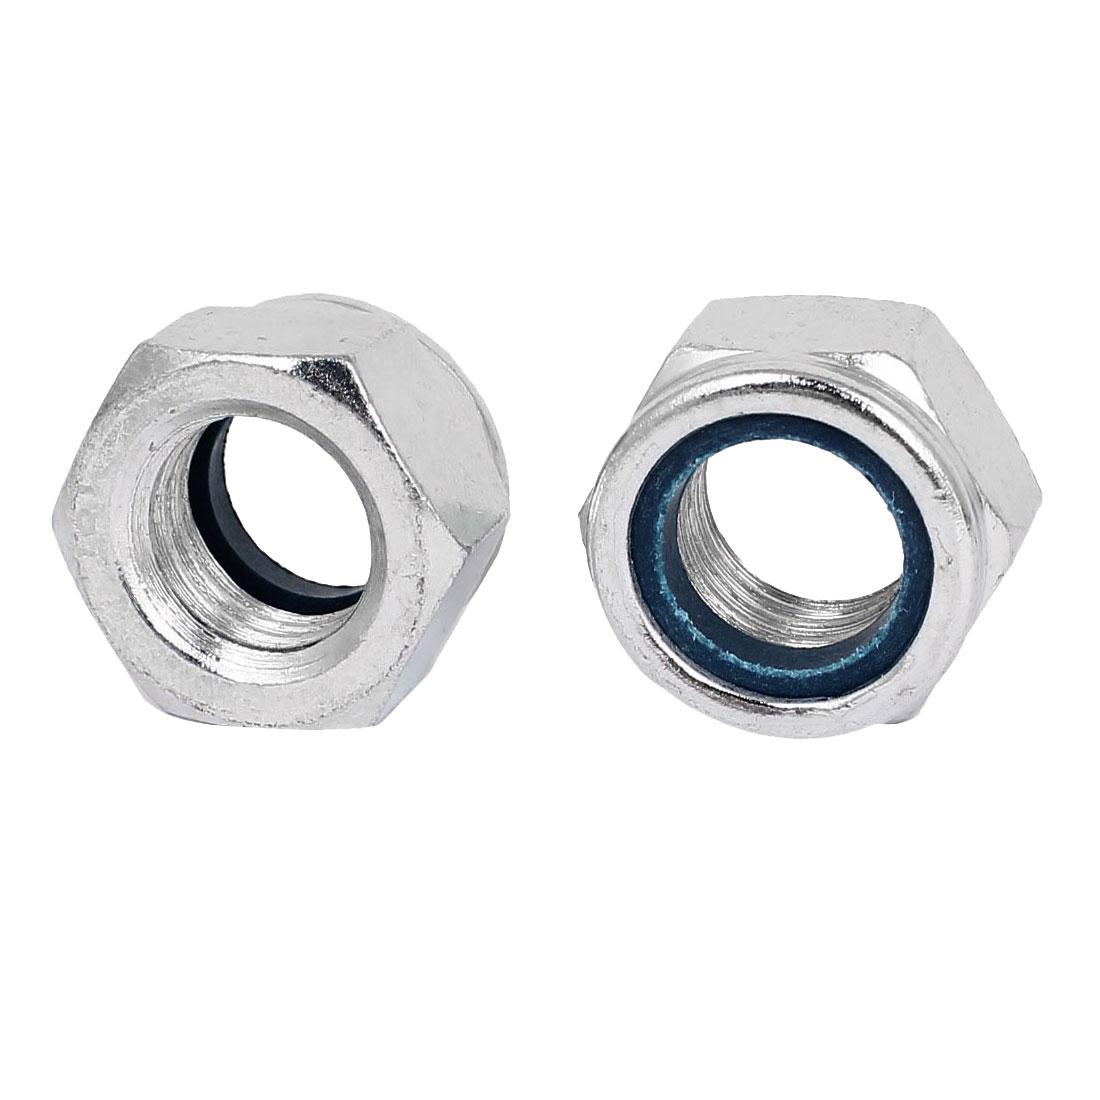 M20 x 2.5mm Zinc Plated Nylock Self-Locking Nylon Insert Hex Lock Nuts 2pcs